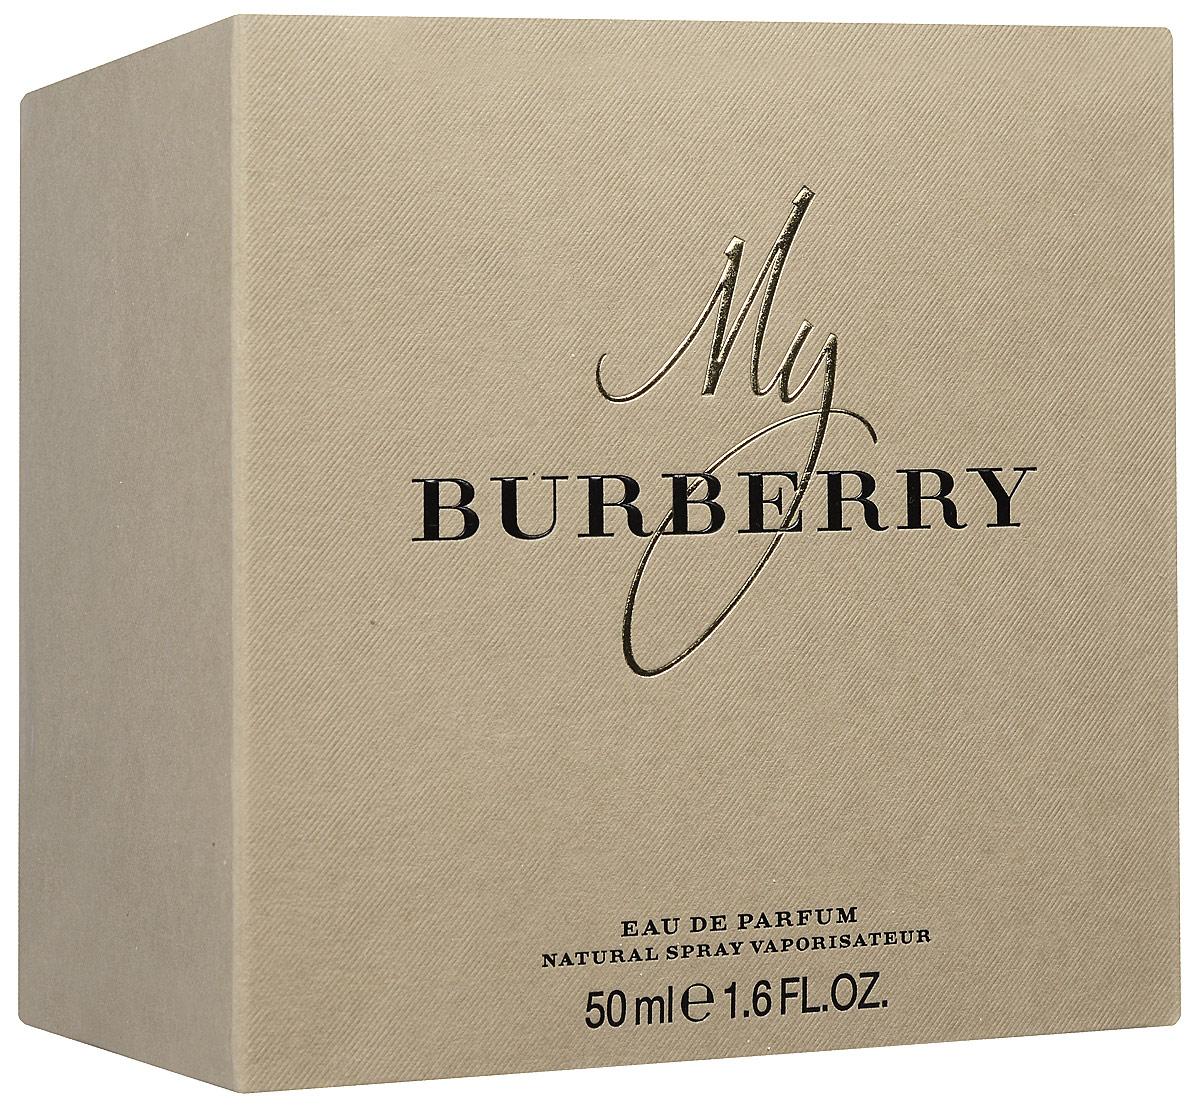 BURBERRY MY BURBERRY WOMAN парфюмированная вода 50МЛ13045Цветочные. Бергамот, душистый горошек, айва, герань, фрезия, пачули, роза